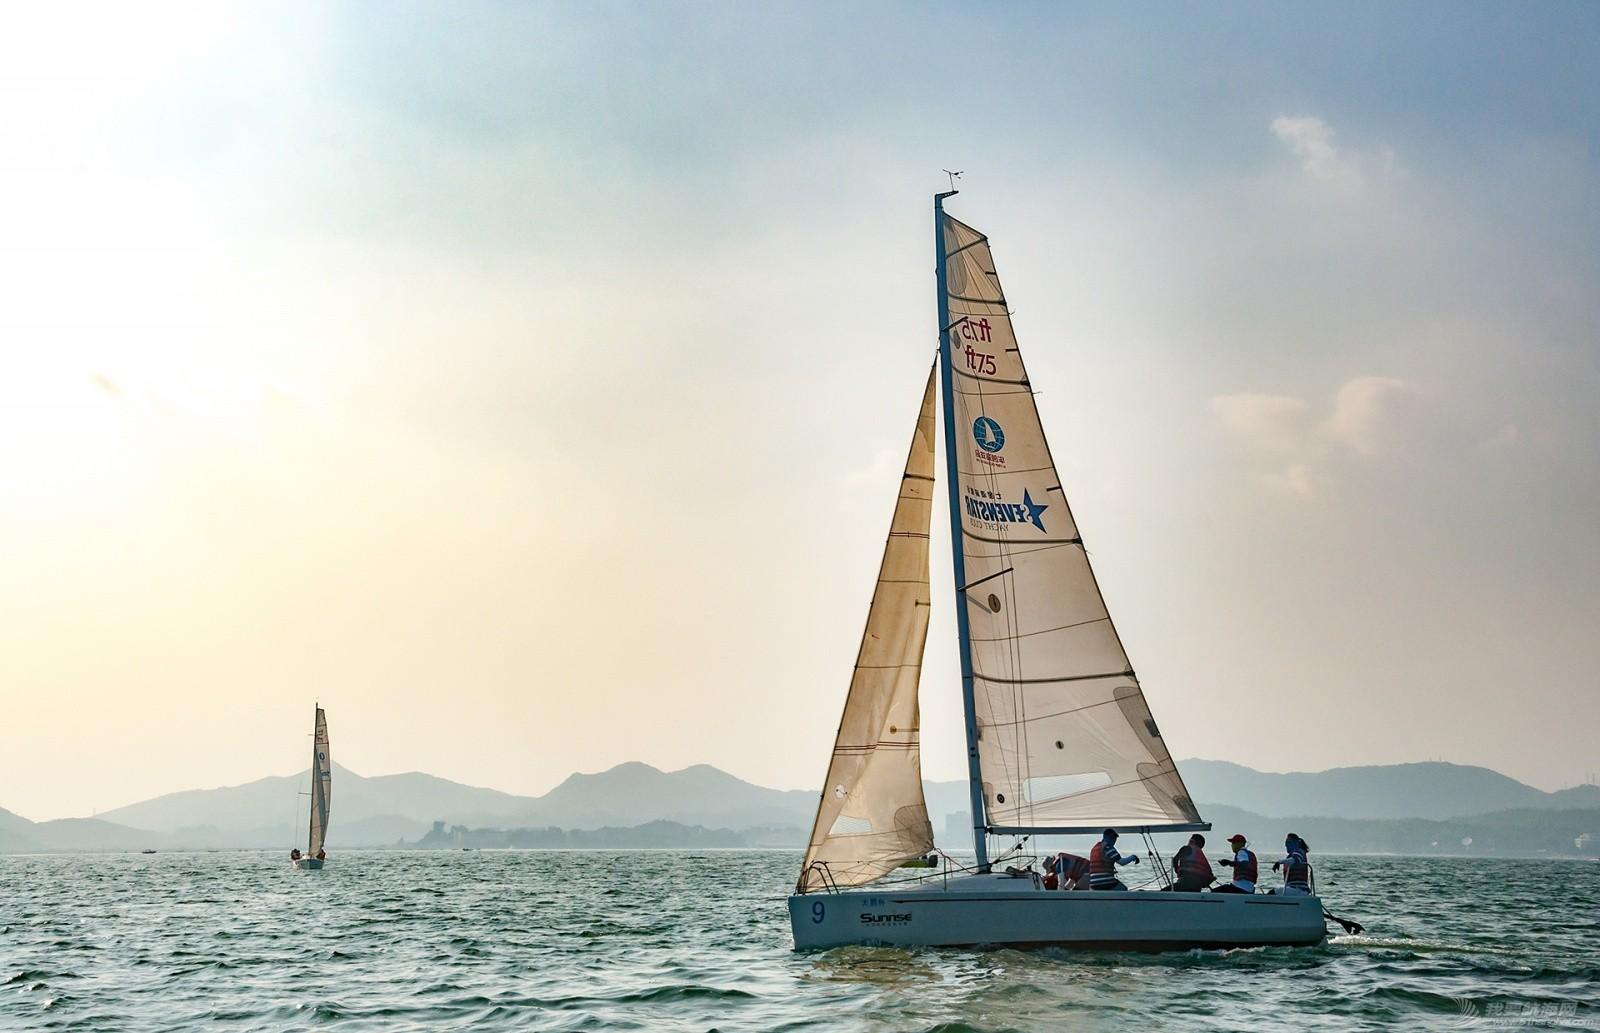 【2015大鹏杯帆船赛】51航海网船队在比赛中 s009.jpg